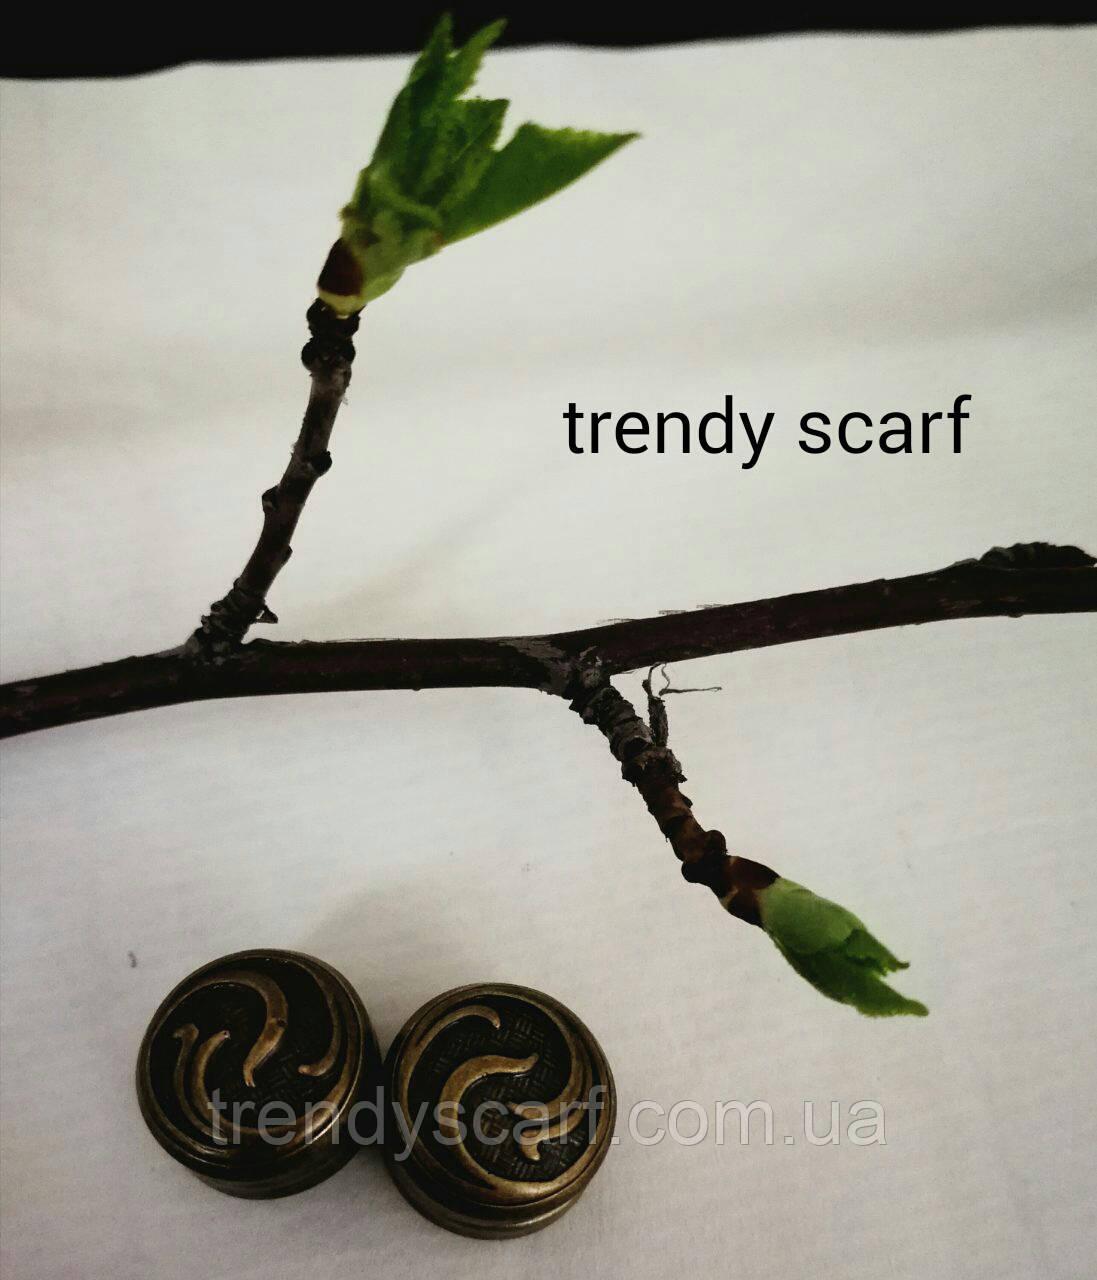 Женский аксессуар платок, шарф, палантин. Магнит, клипса, зажим для фиксации платка, шарфа. Бронза. 5 мм